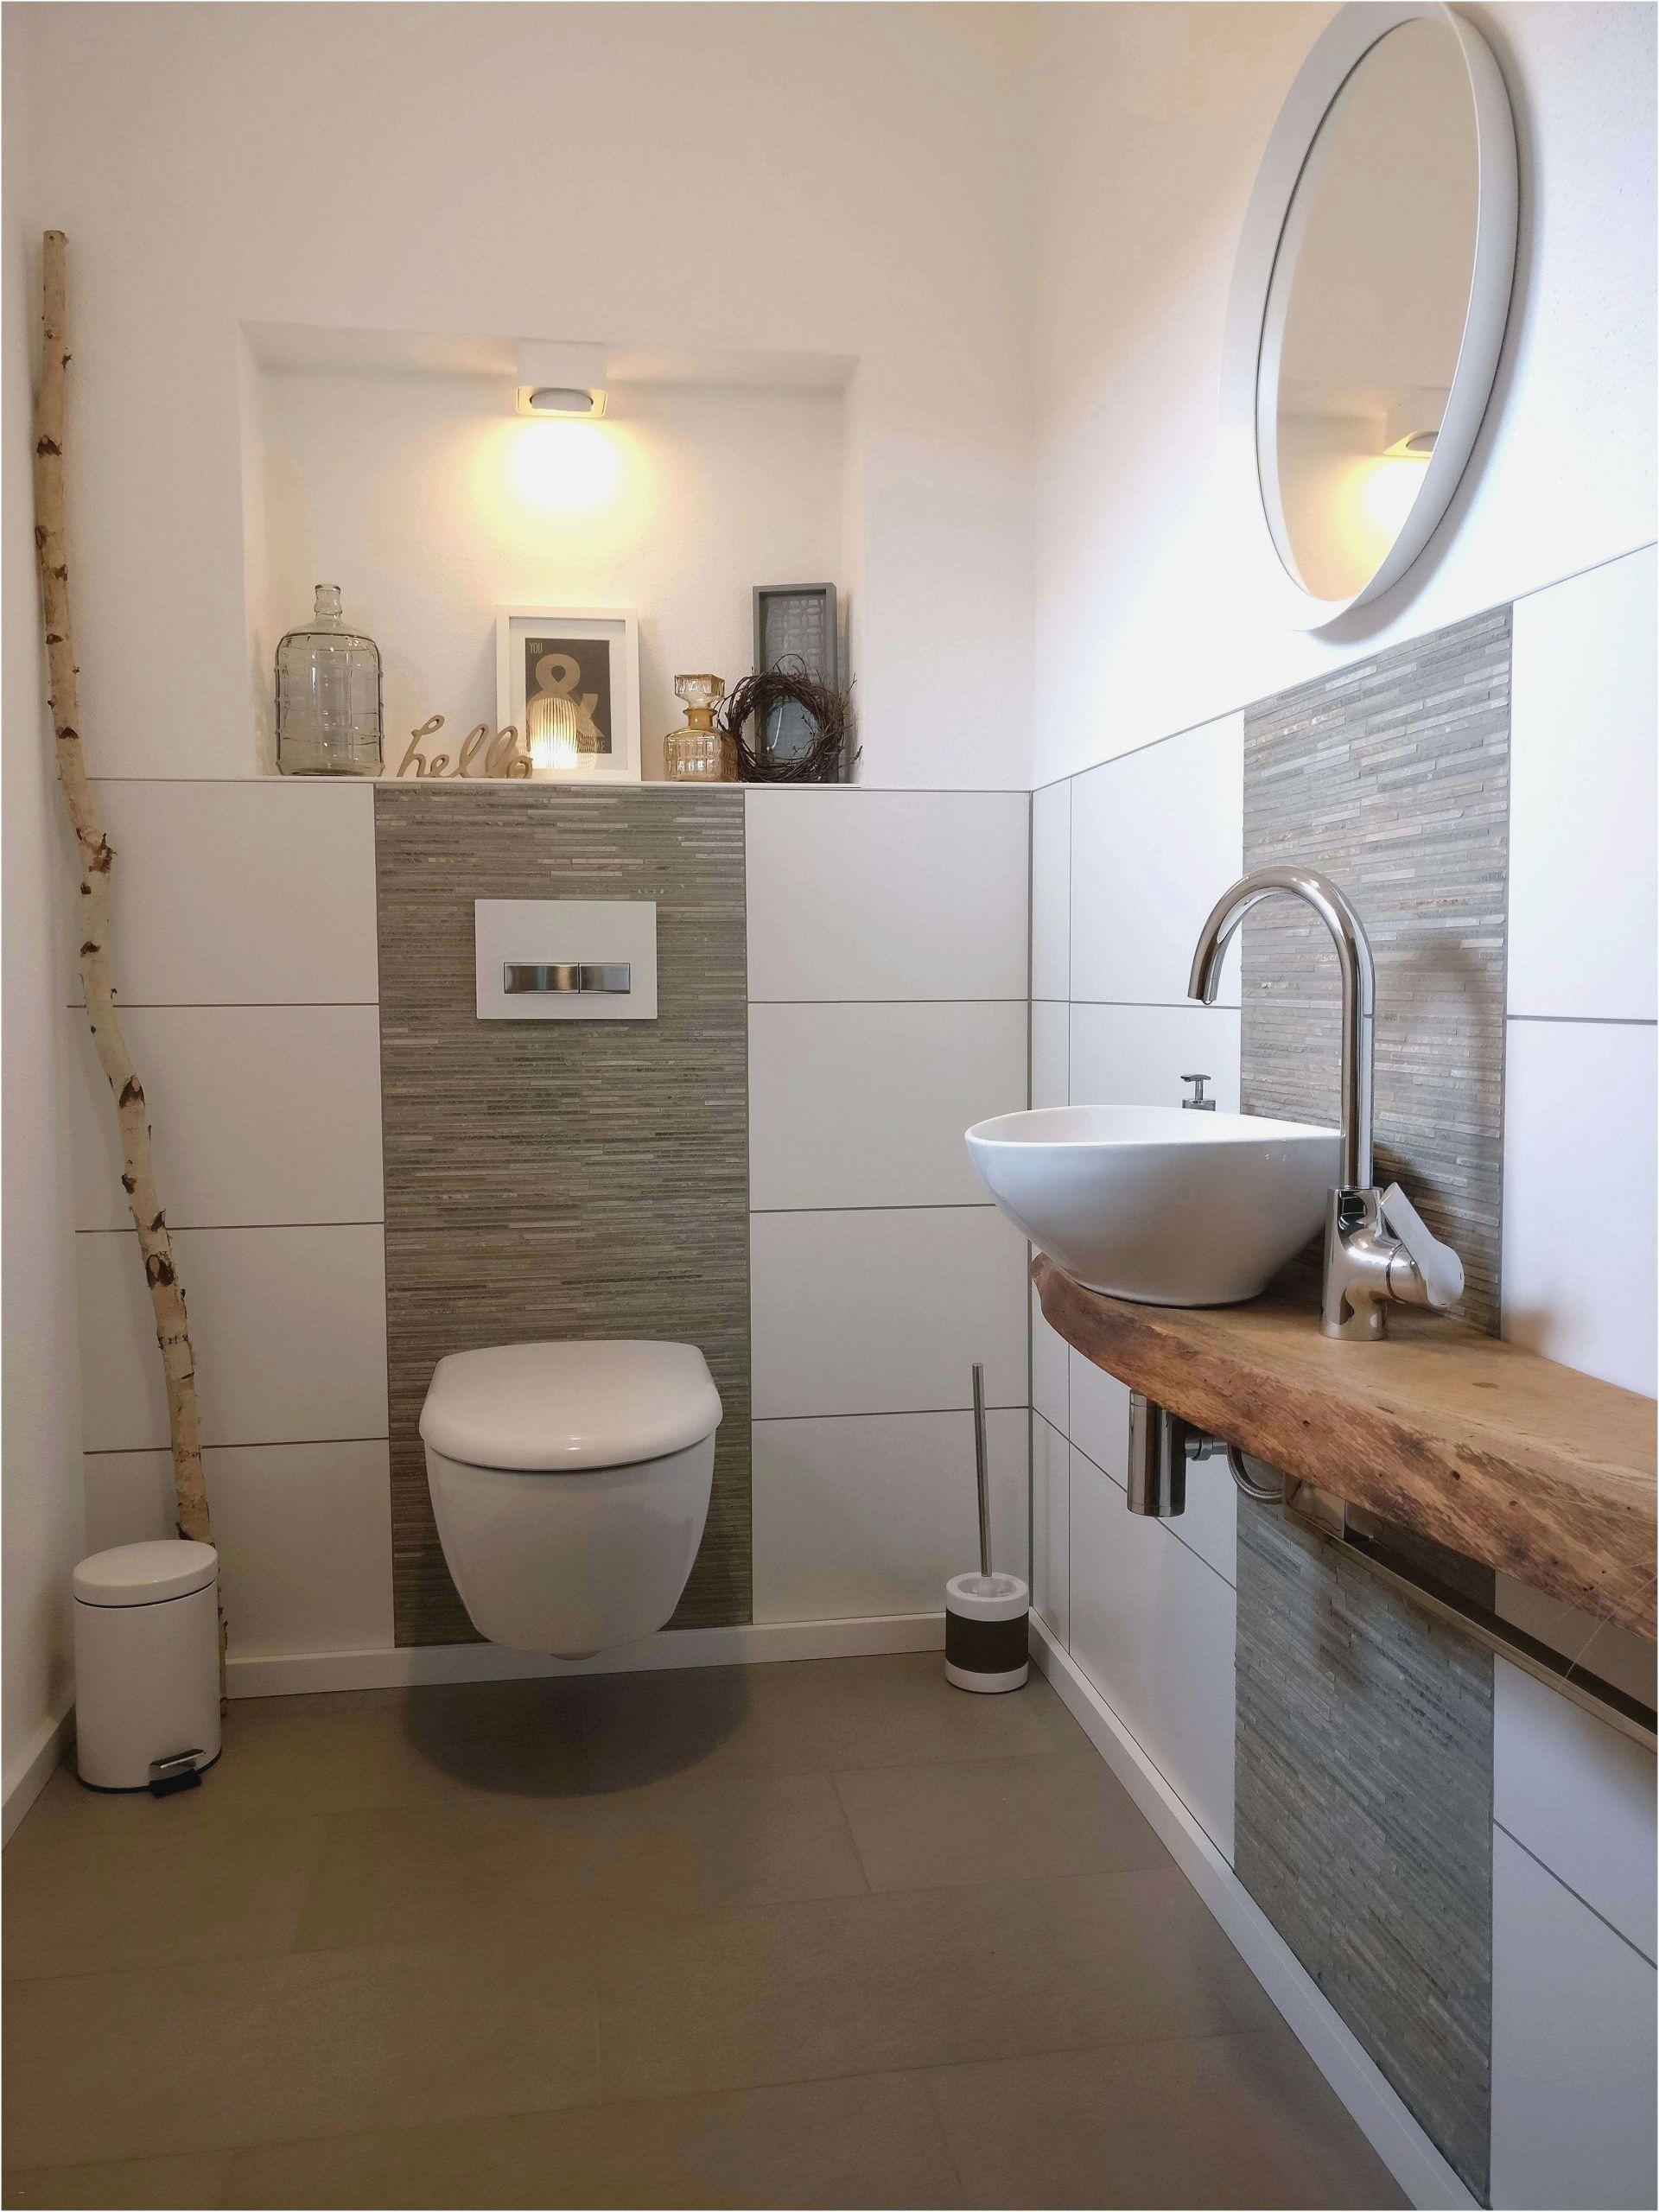 Badezimmer Waschbecken Modern Moderne Kleine Badezimmer Ideen Ankleidezimmer Traumhaus